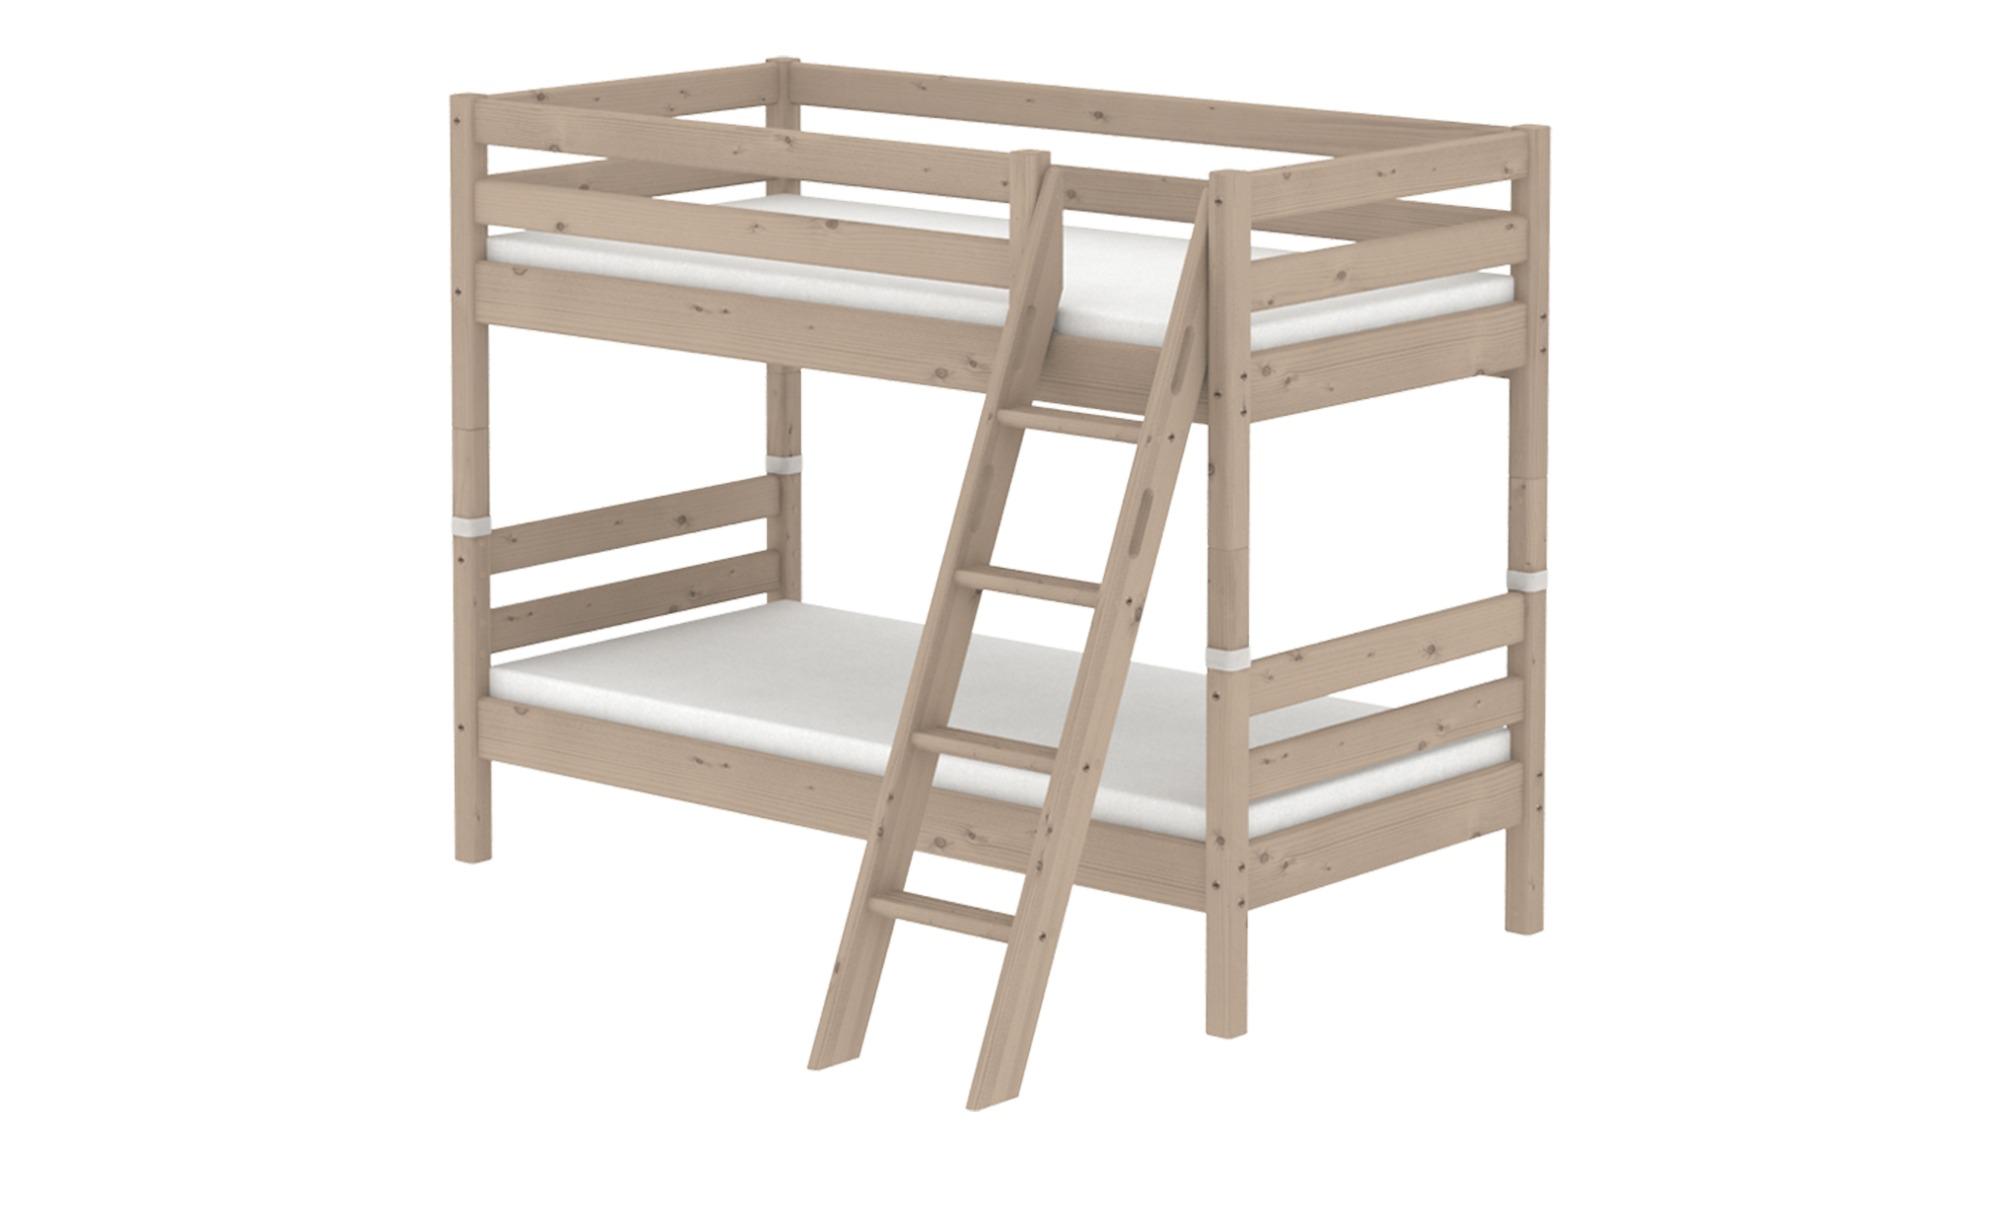 Flexa Etagenbett In L Form : Holzfarben holz etagenbetten online kaufen möbel suchmaschine